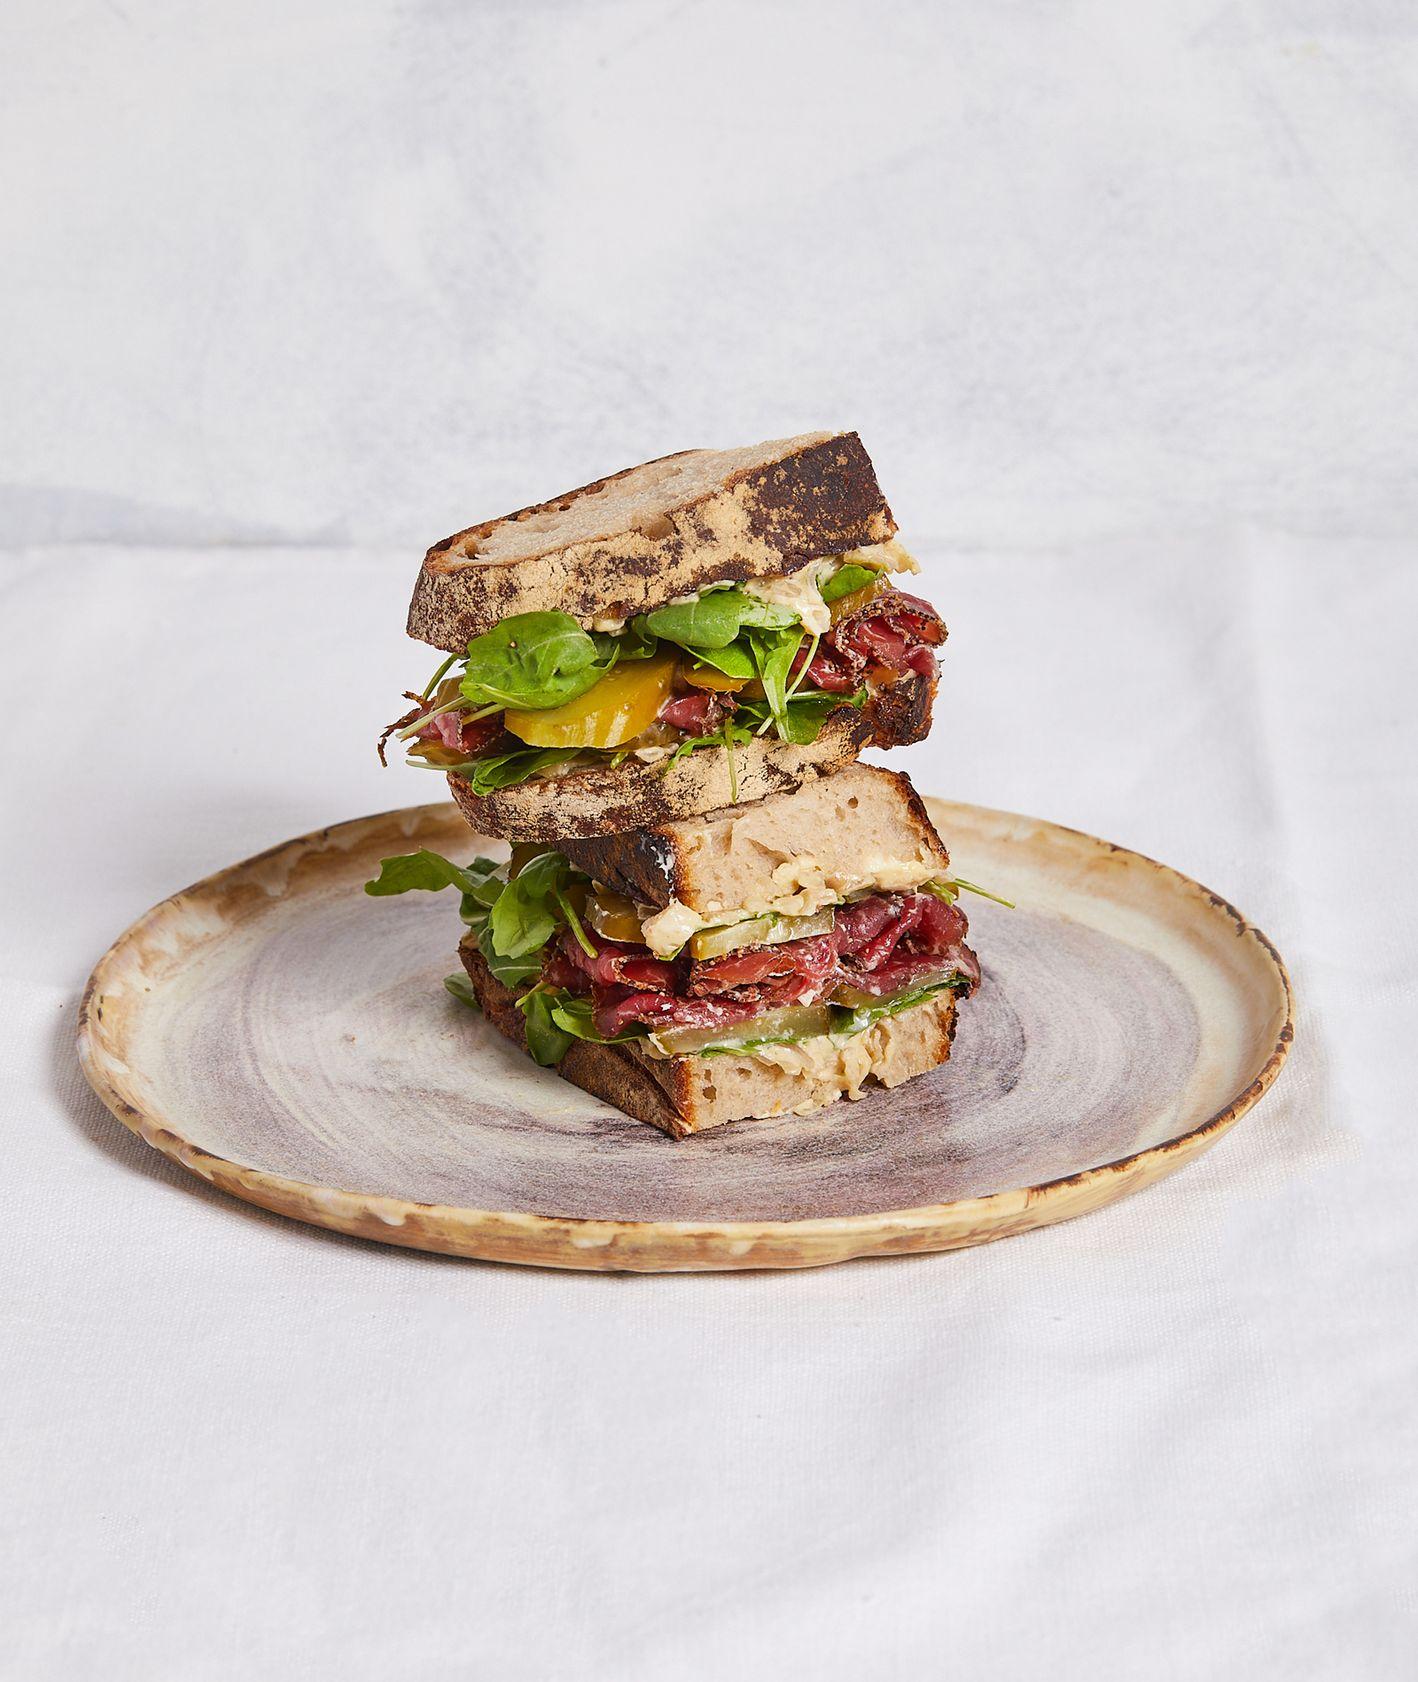 Piętrowa kanapka na świeżym pieczywie z ogórkiem, pastrami i sosem cebulowym (fot. Maciek Niemojewski)